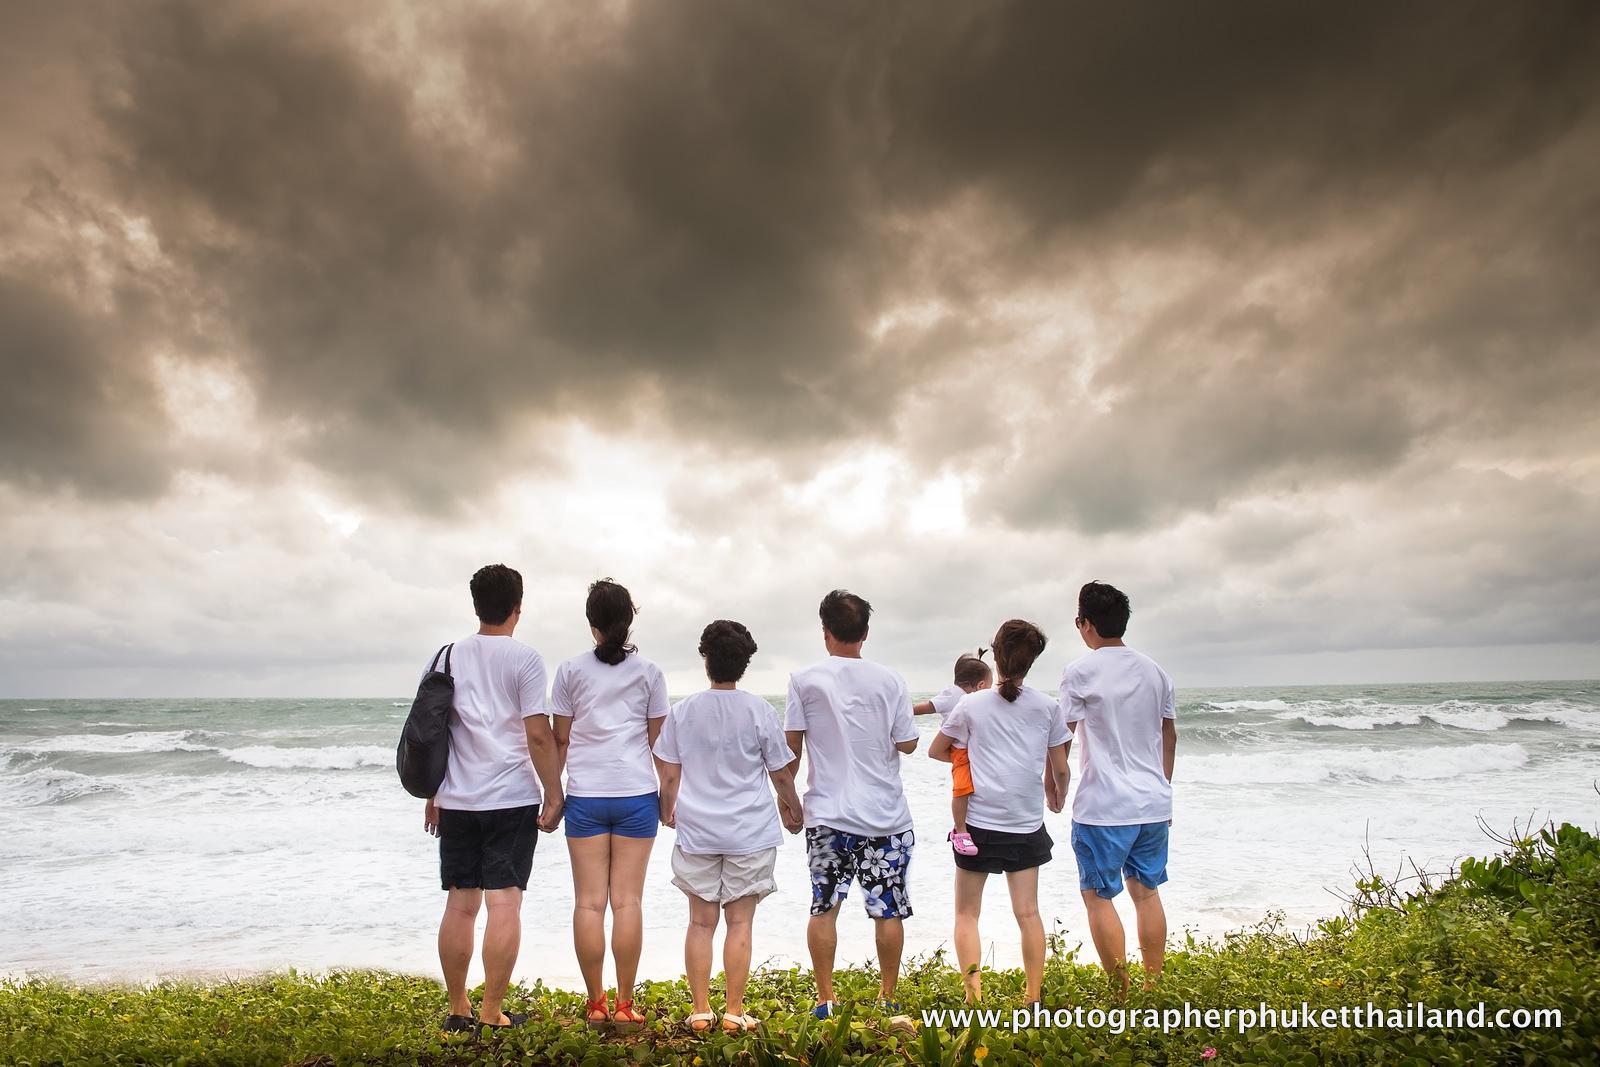 family photography at Jw marriott , phuket